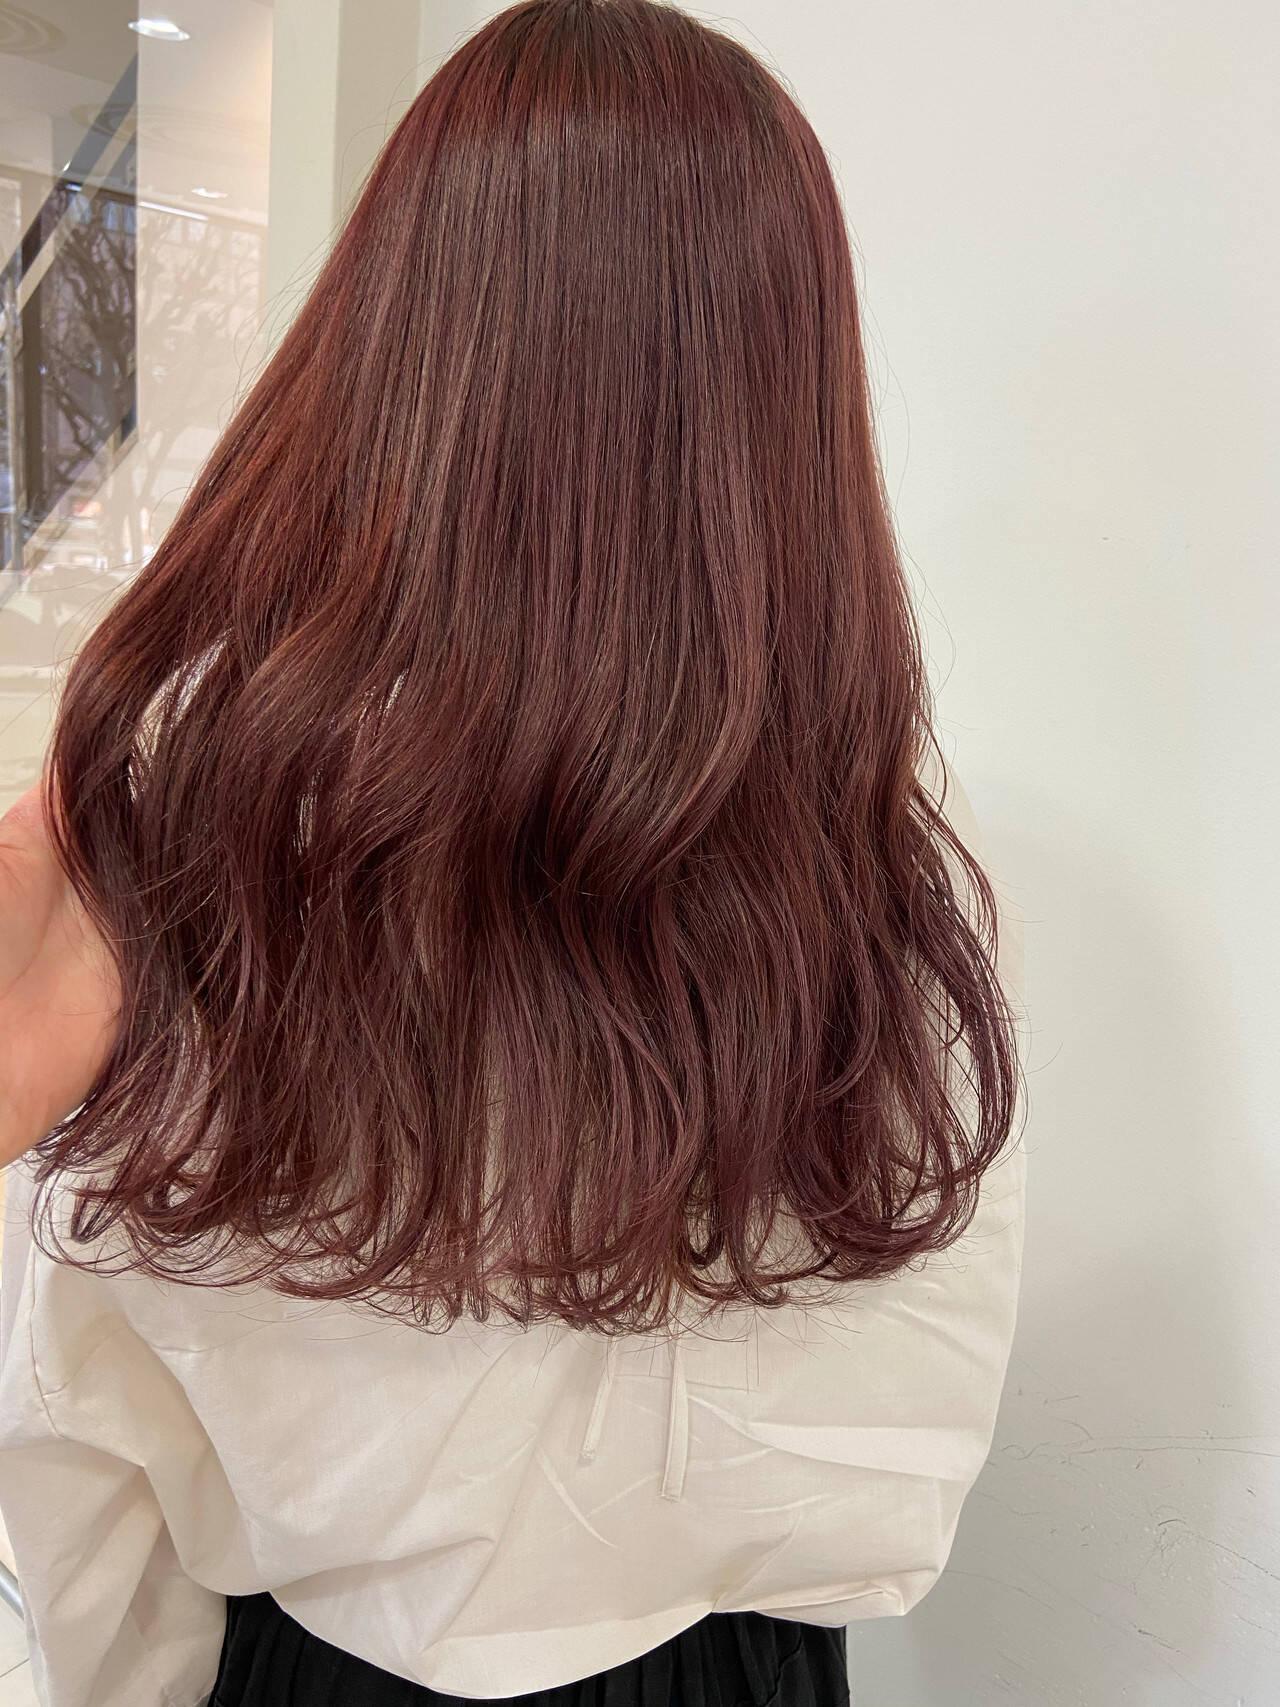 ピンクラベンダー セミロング ピンクベージュ ベリーピンクヘアスタイルや髪型の写真・画像